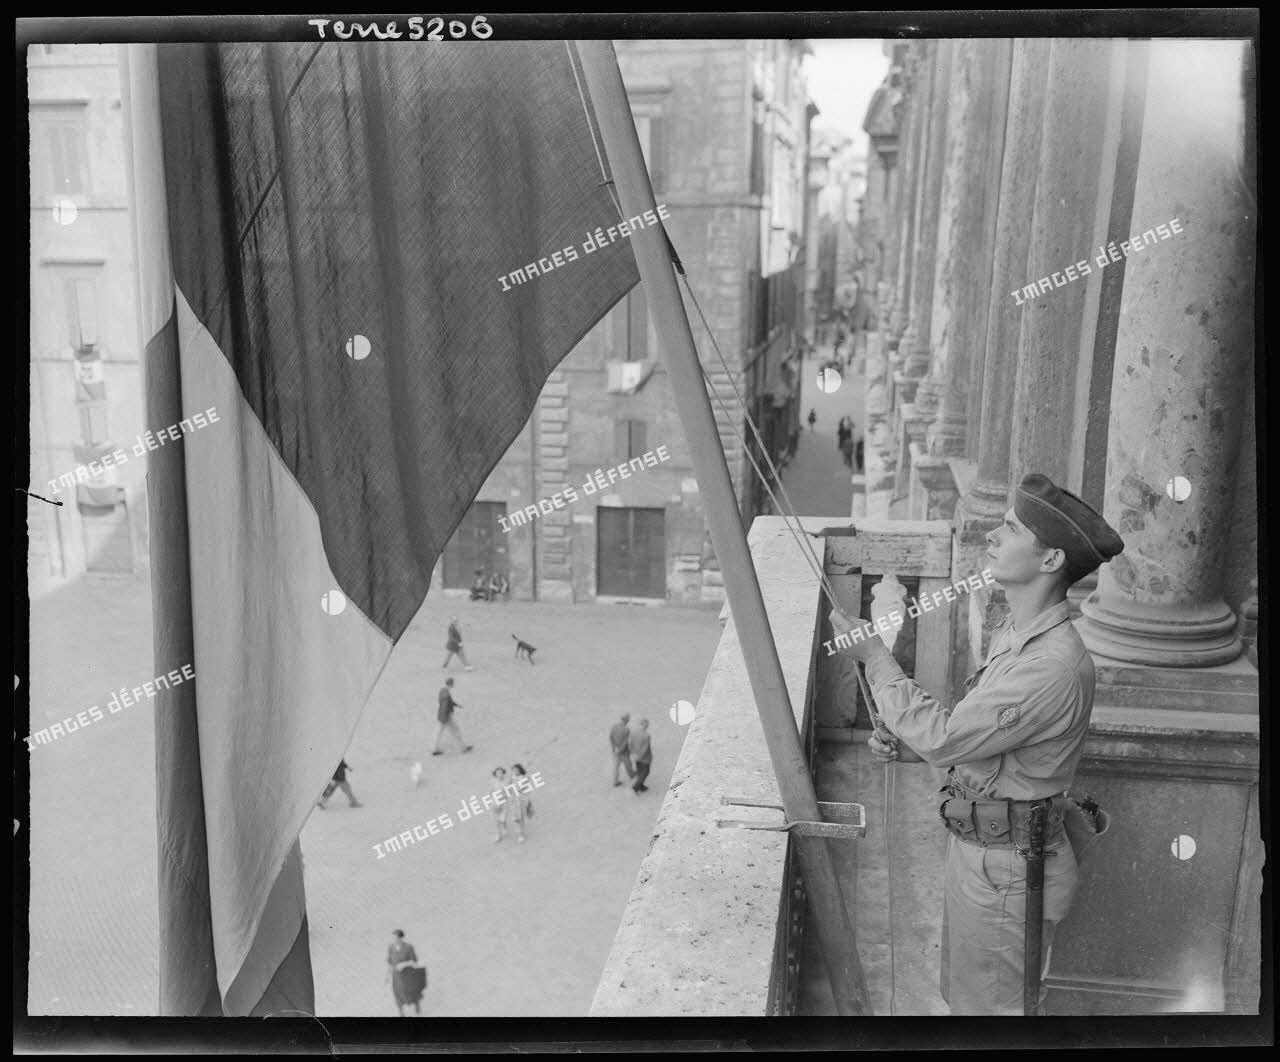 Le marsouin Paul Poggionovo, du bataillon d'infanterie de marine et du Pacifique (BIMP) de la 1re division de marche d'infanterie (DMI), ex.1re division française libre (DFL), hisse symboliquement le drapeau français sur le palais Farnese, siège de l'ambassade de France à Rome.